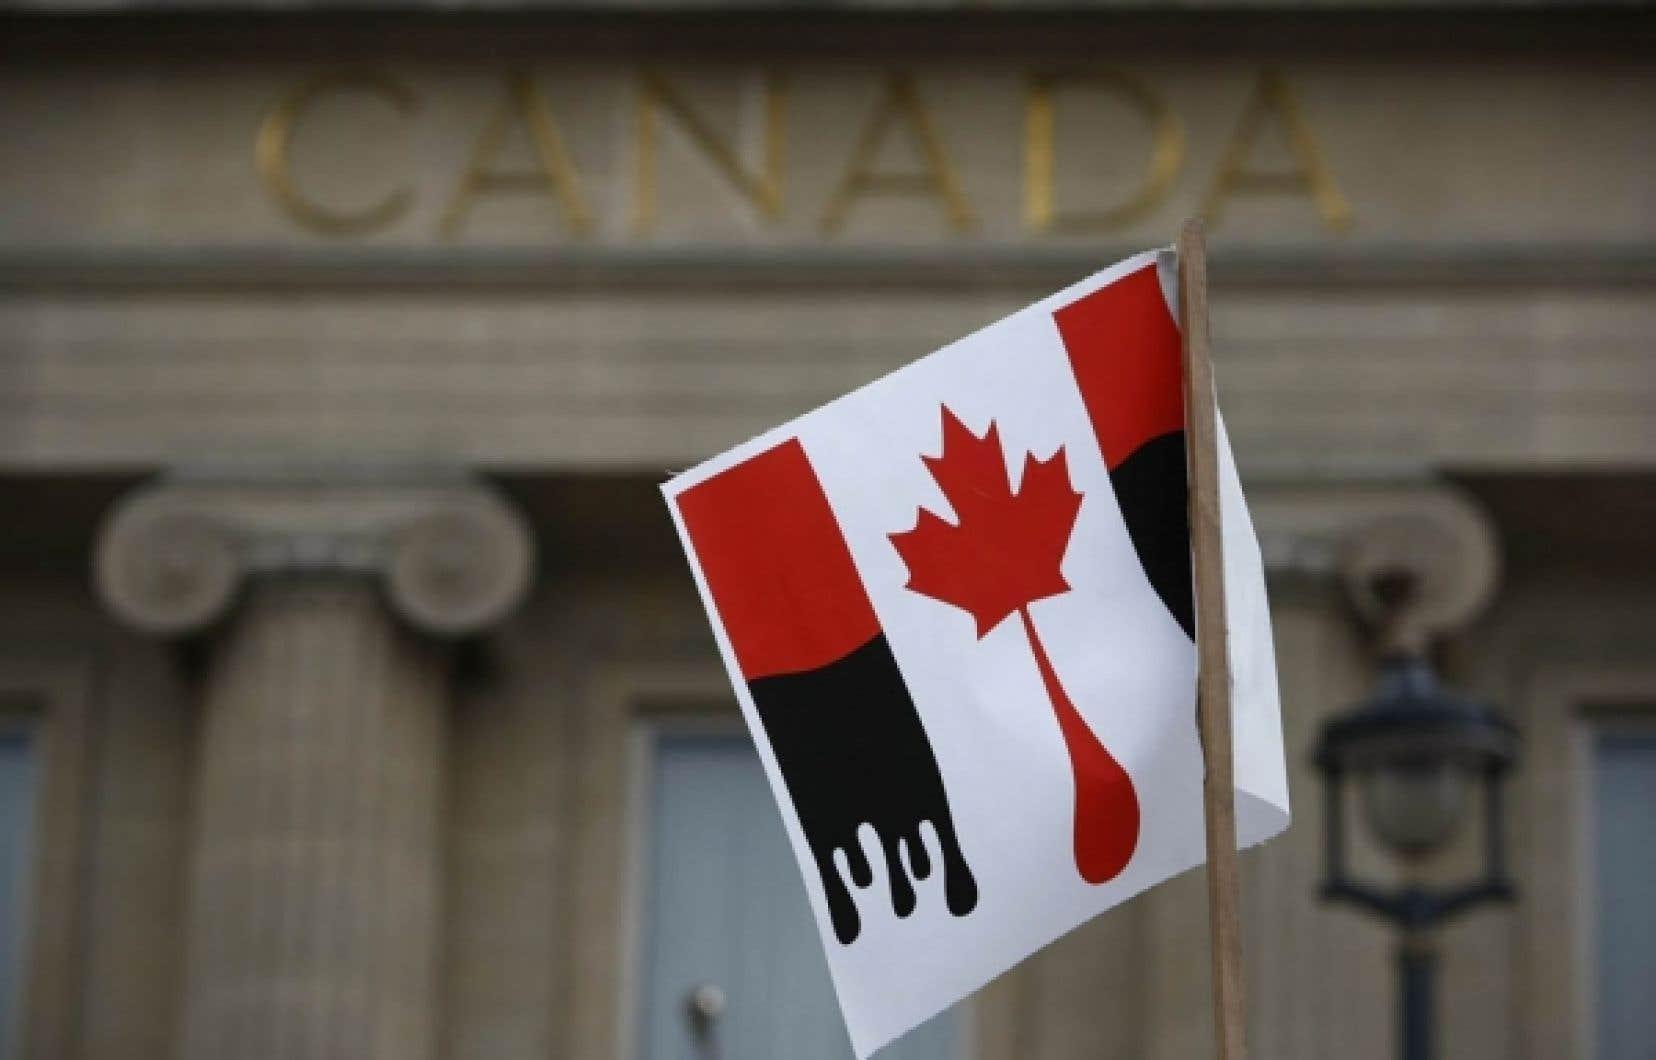 Manifestation contre les sables bitumineux devant l'ambassade canadienne à Londres en février dernier. Le Canada est maintenant accusé de s'en prendre aux politiques vertes des autres pays.<br />